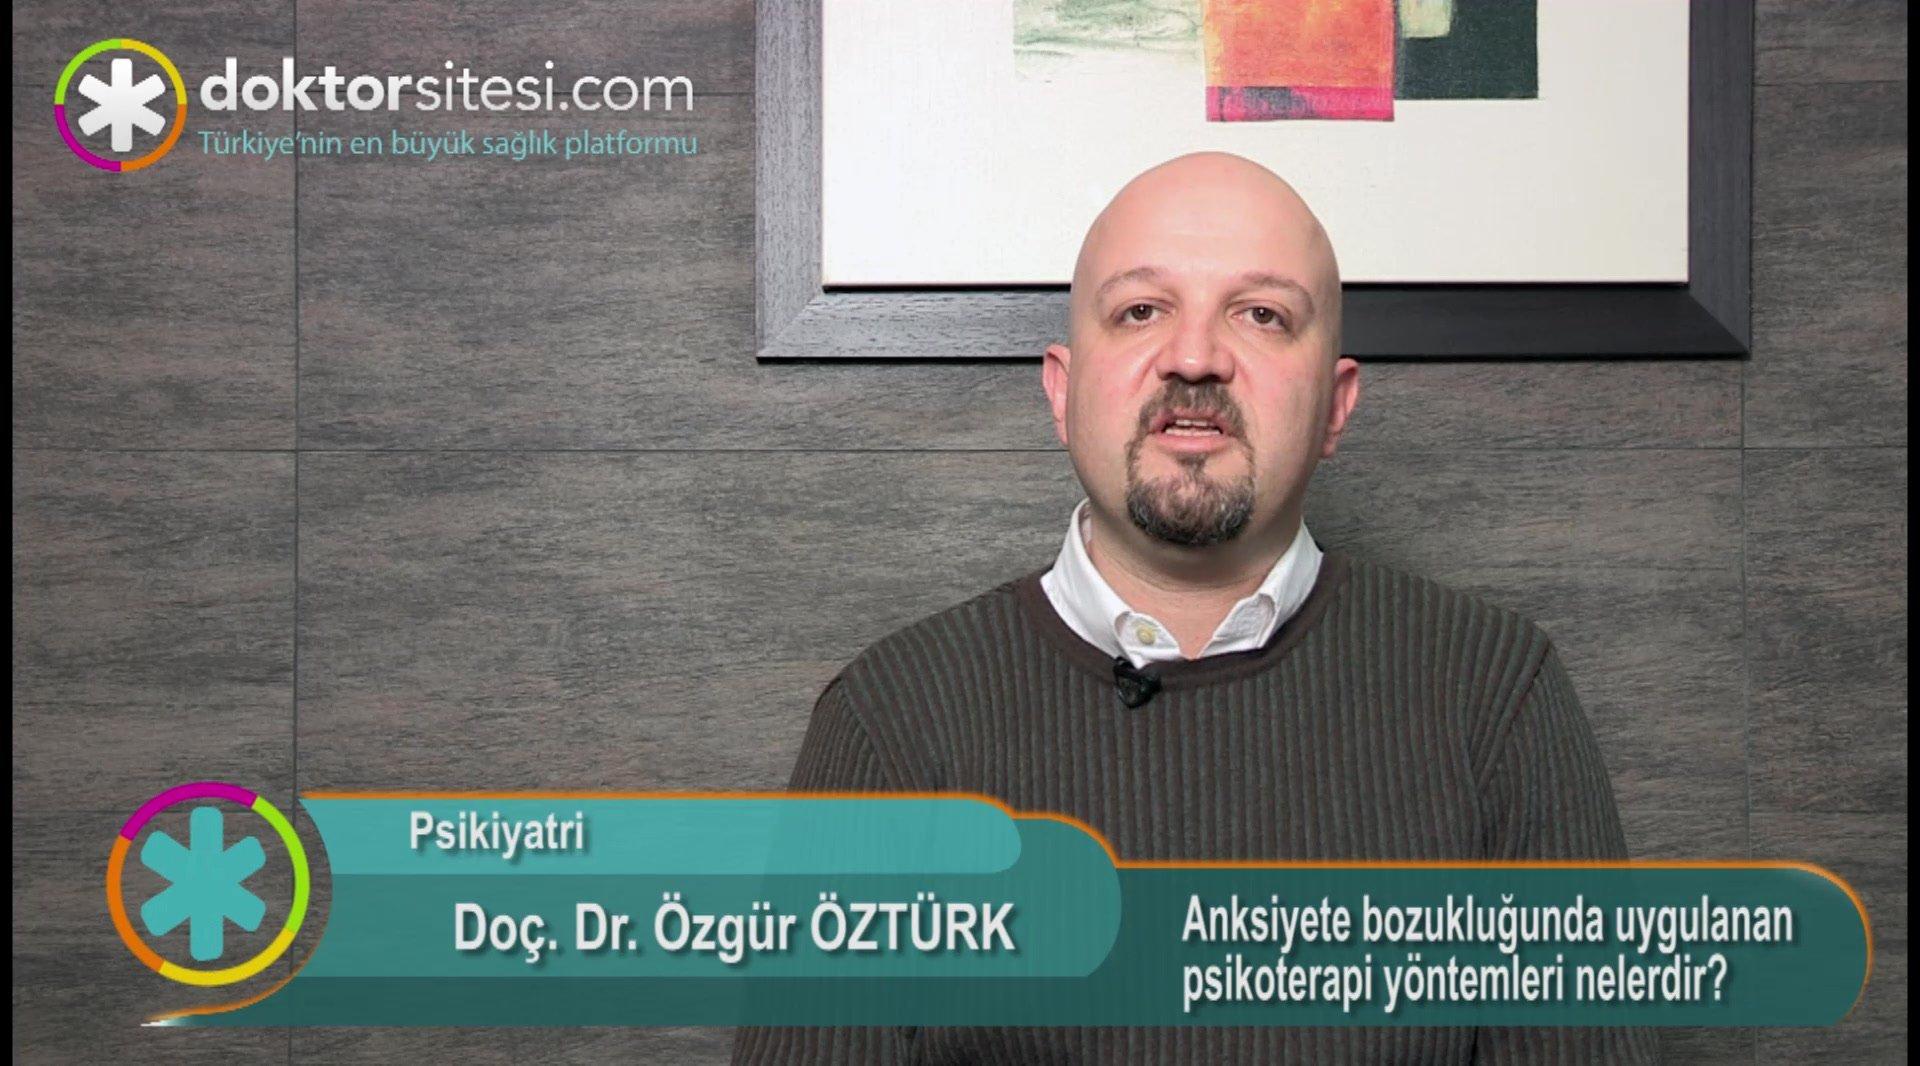 """Anksiyete bozukluğunda uygulanan psikoterapi yöntemleri nelerdir? """"Prof. Dr. Özgür  ÖZTÜRK"""""""